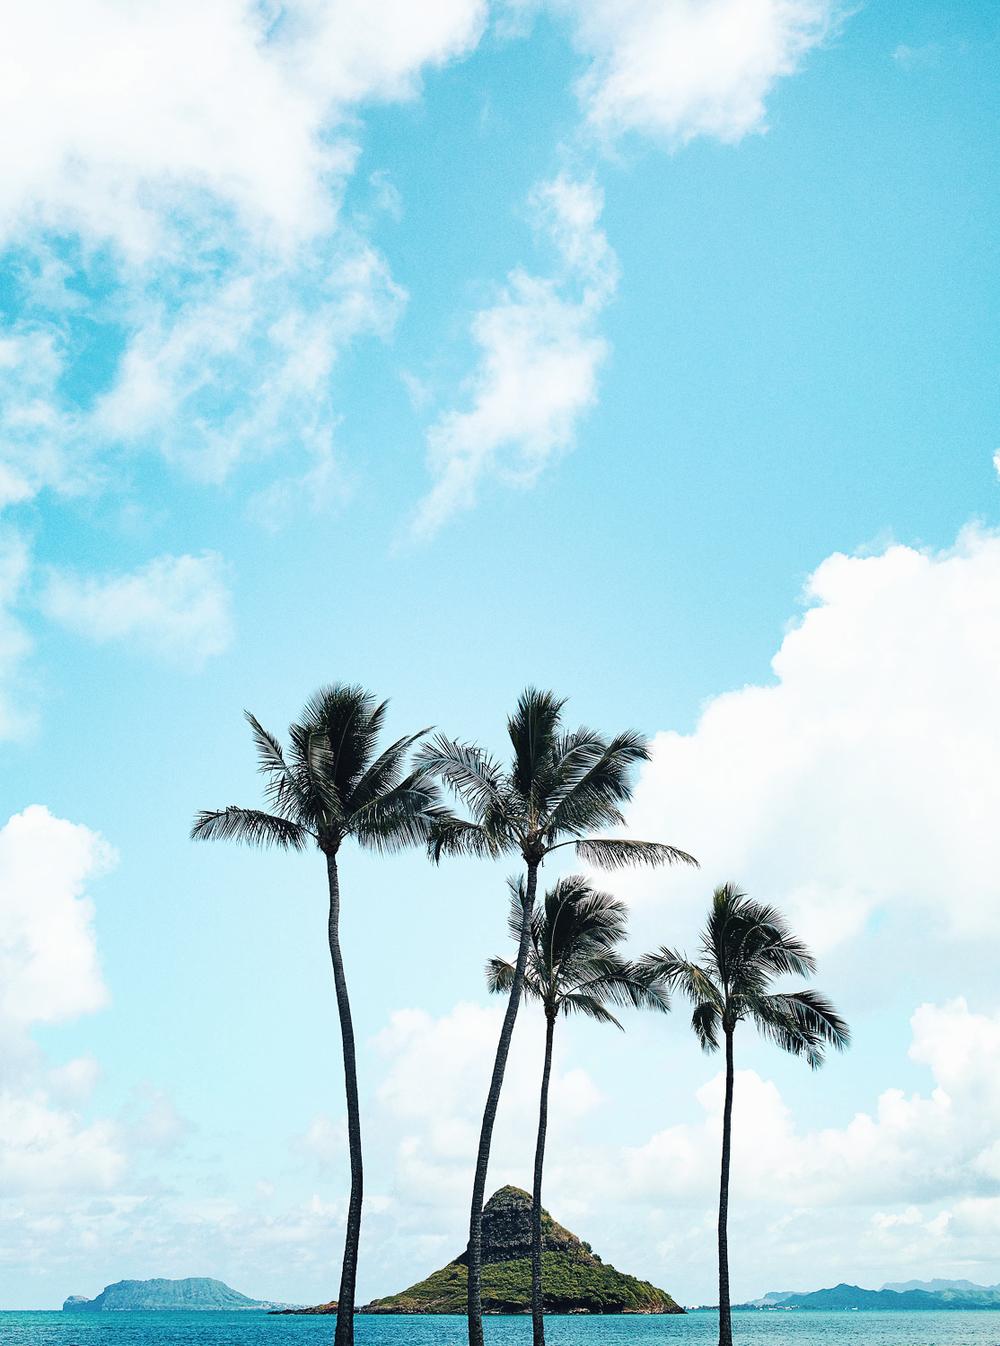 CallieGiovanna_NorthAmerica_UnitedStates_Hawaii_ChinamansHat_20140912_0444.jpg